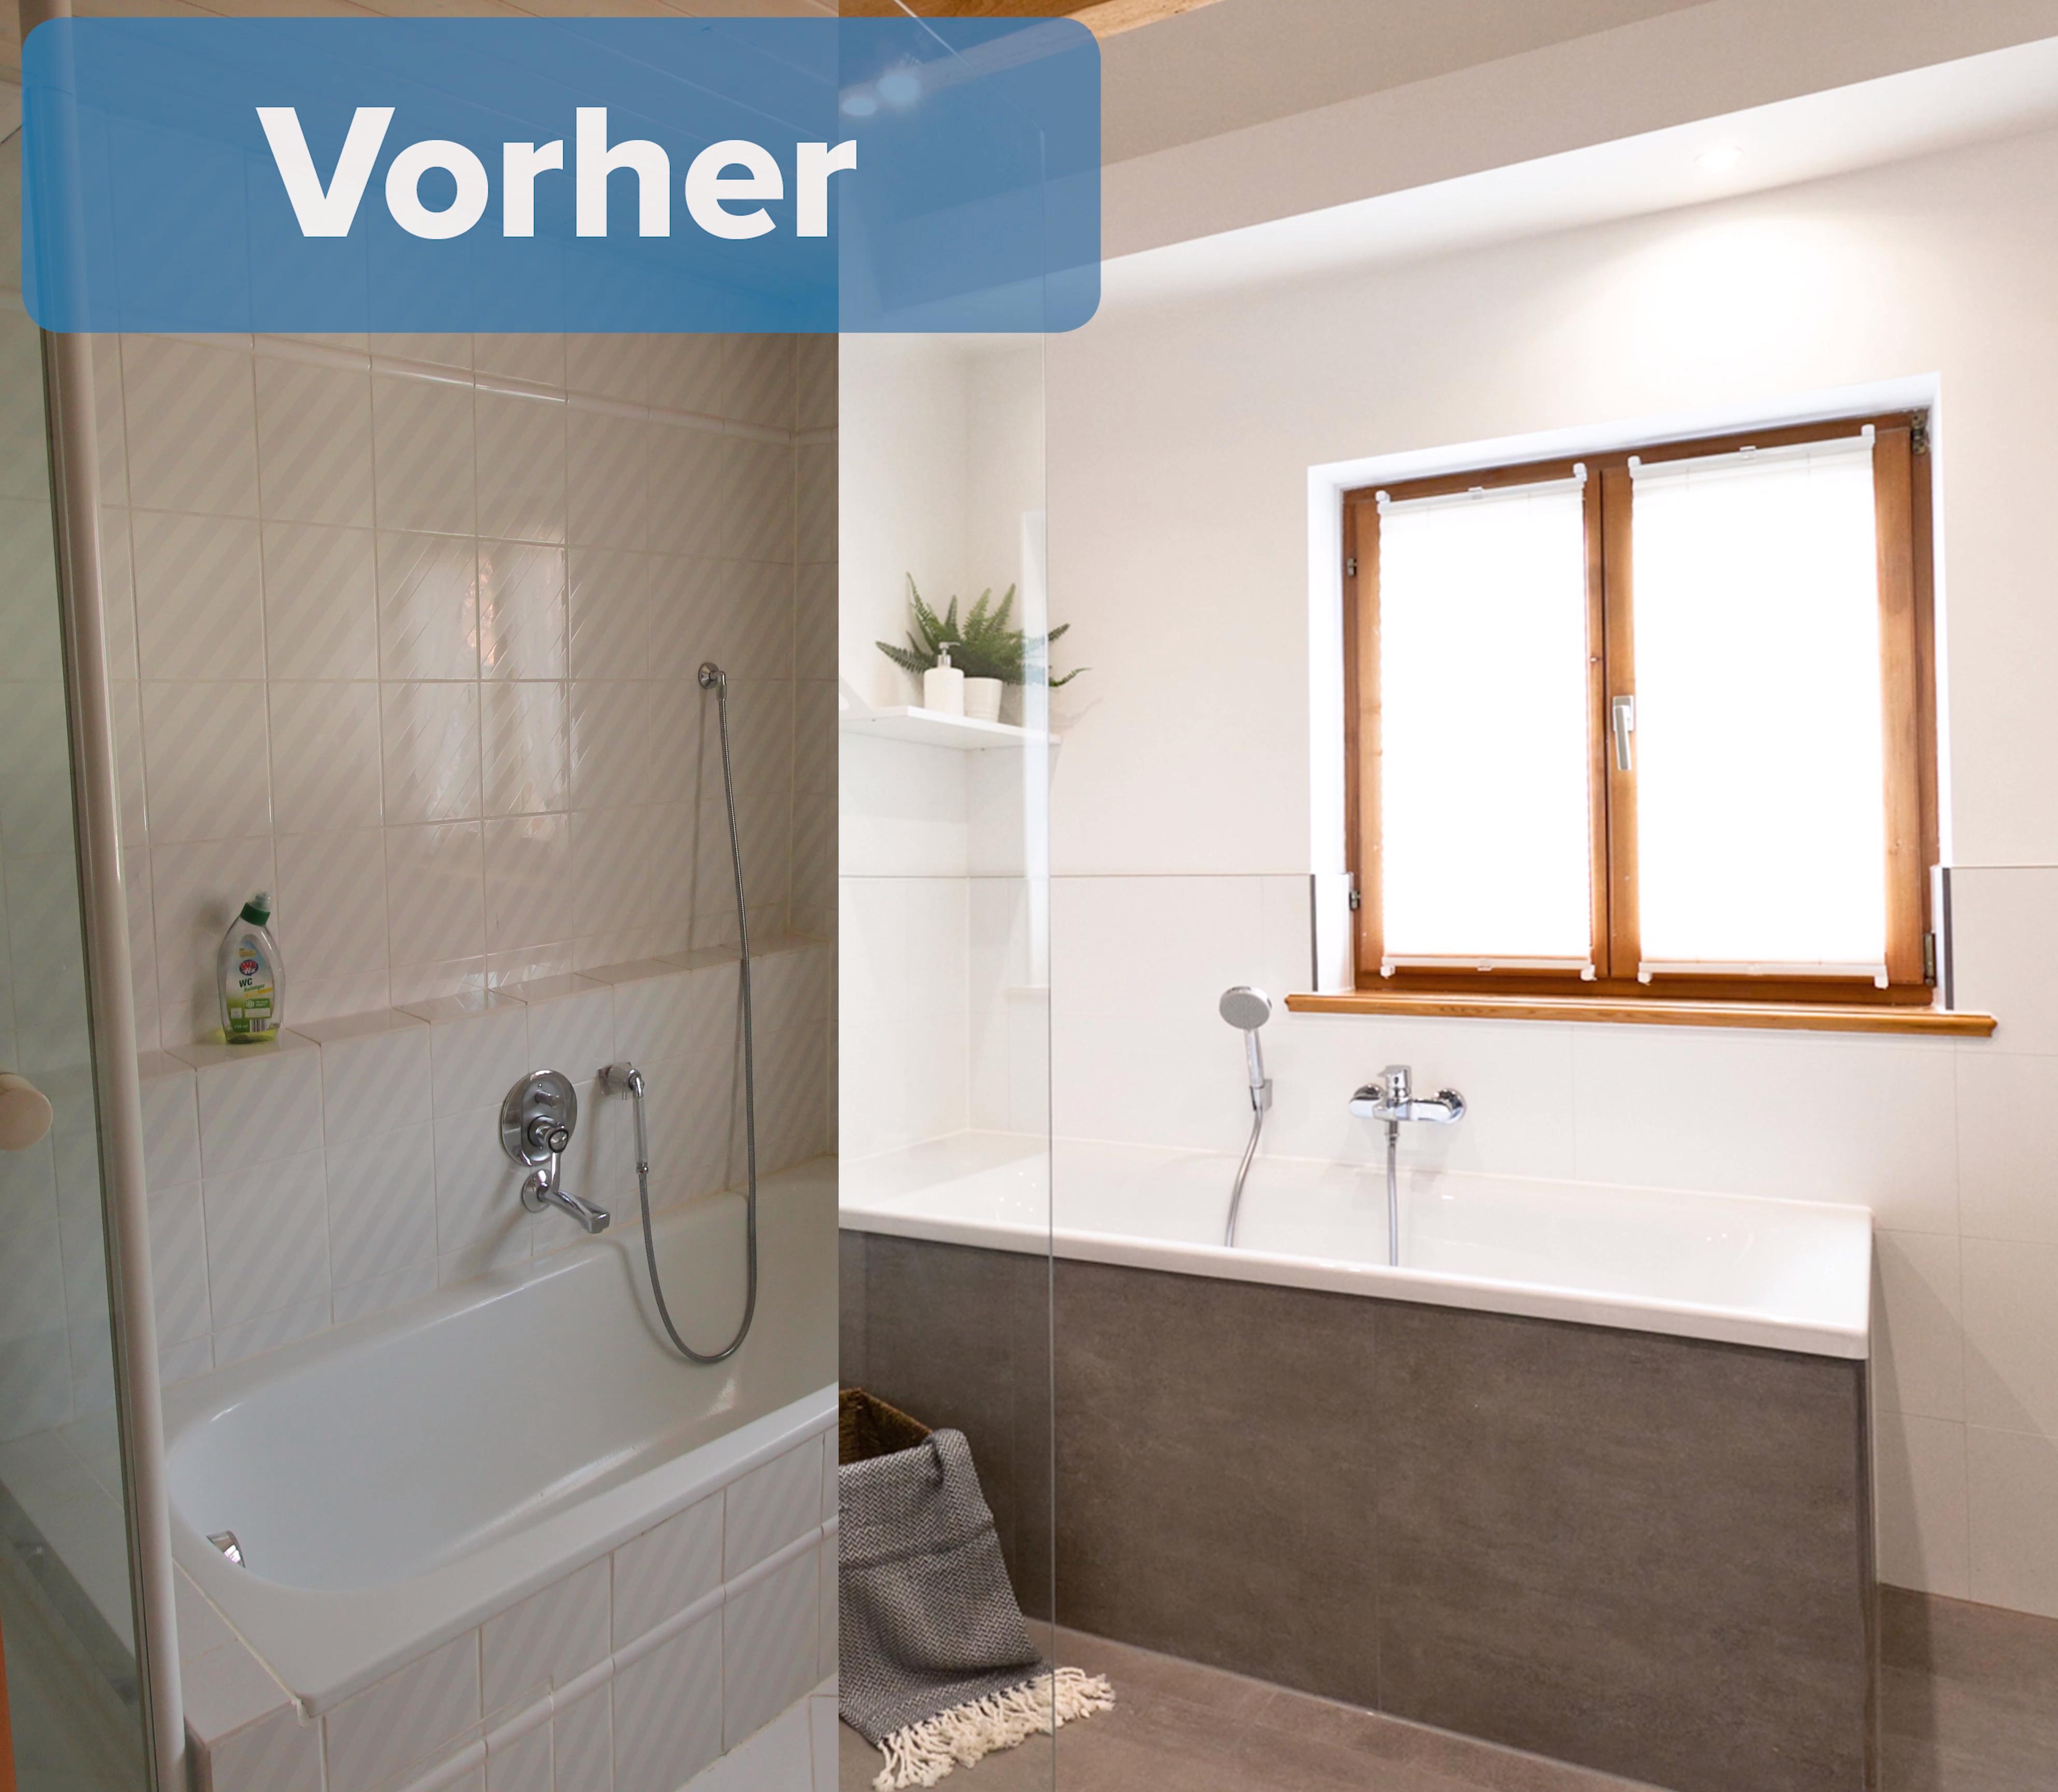 Unglucklich Mit Deinem Alten Bad Wir Verwandeln Es Deutschlandweit In Ein Traumbad Mit Expertenplanung Und Ausfuhrung Aus Einer Video Badsanierung Bad Und Sanierung